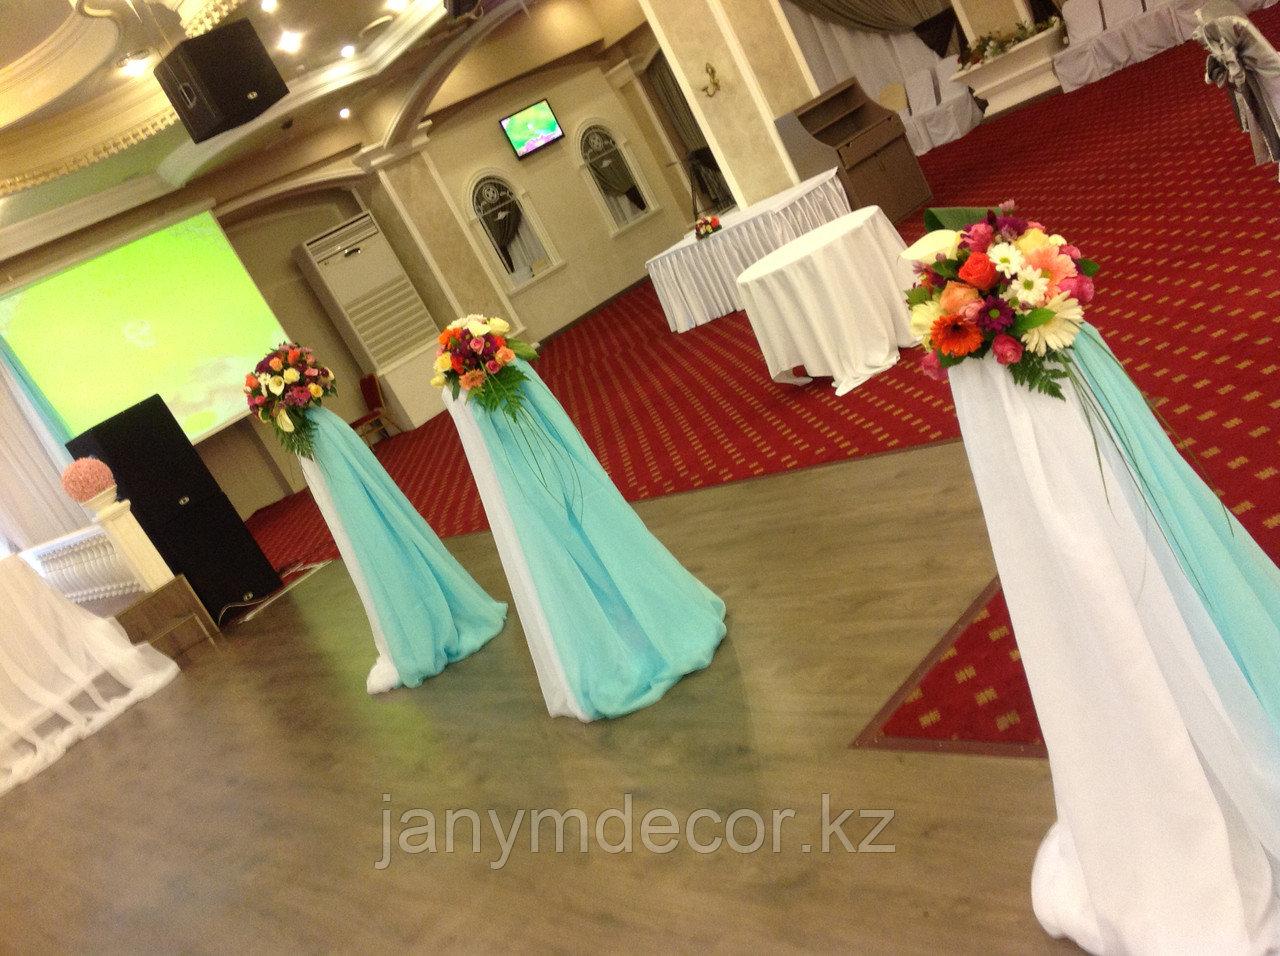 Оформление свадьбы в зале Esperanza - фото 2